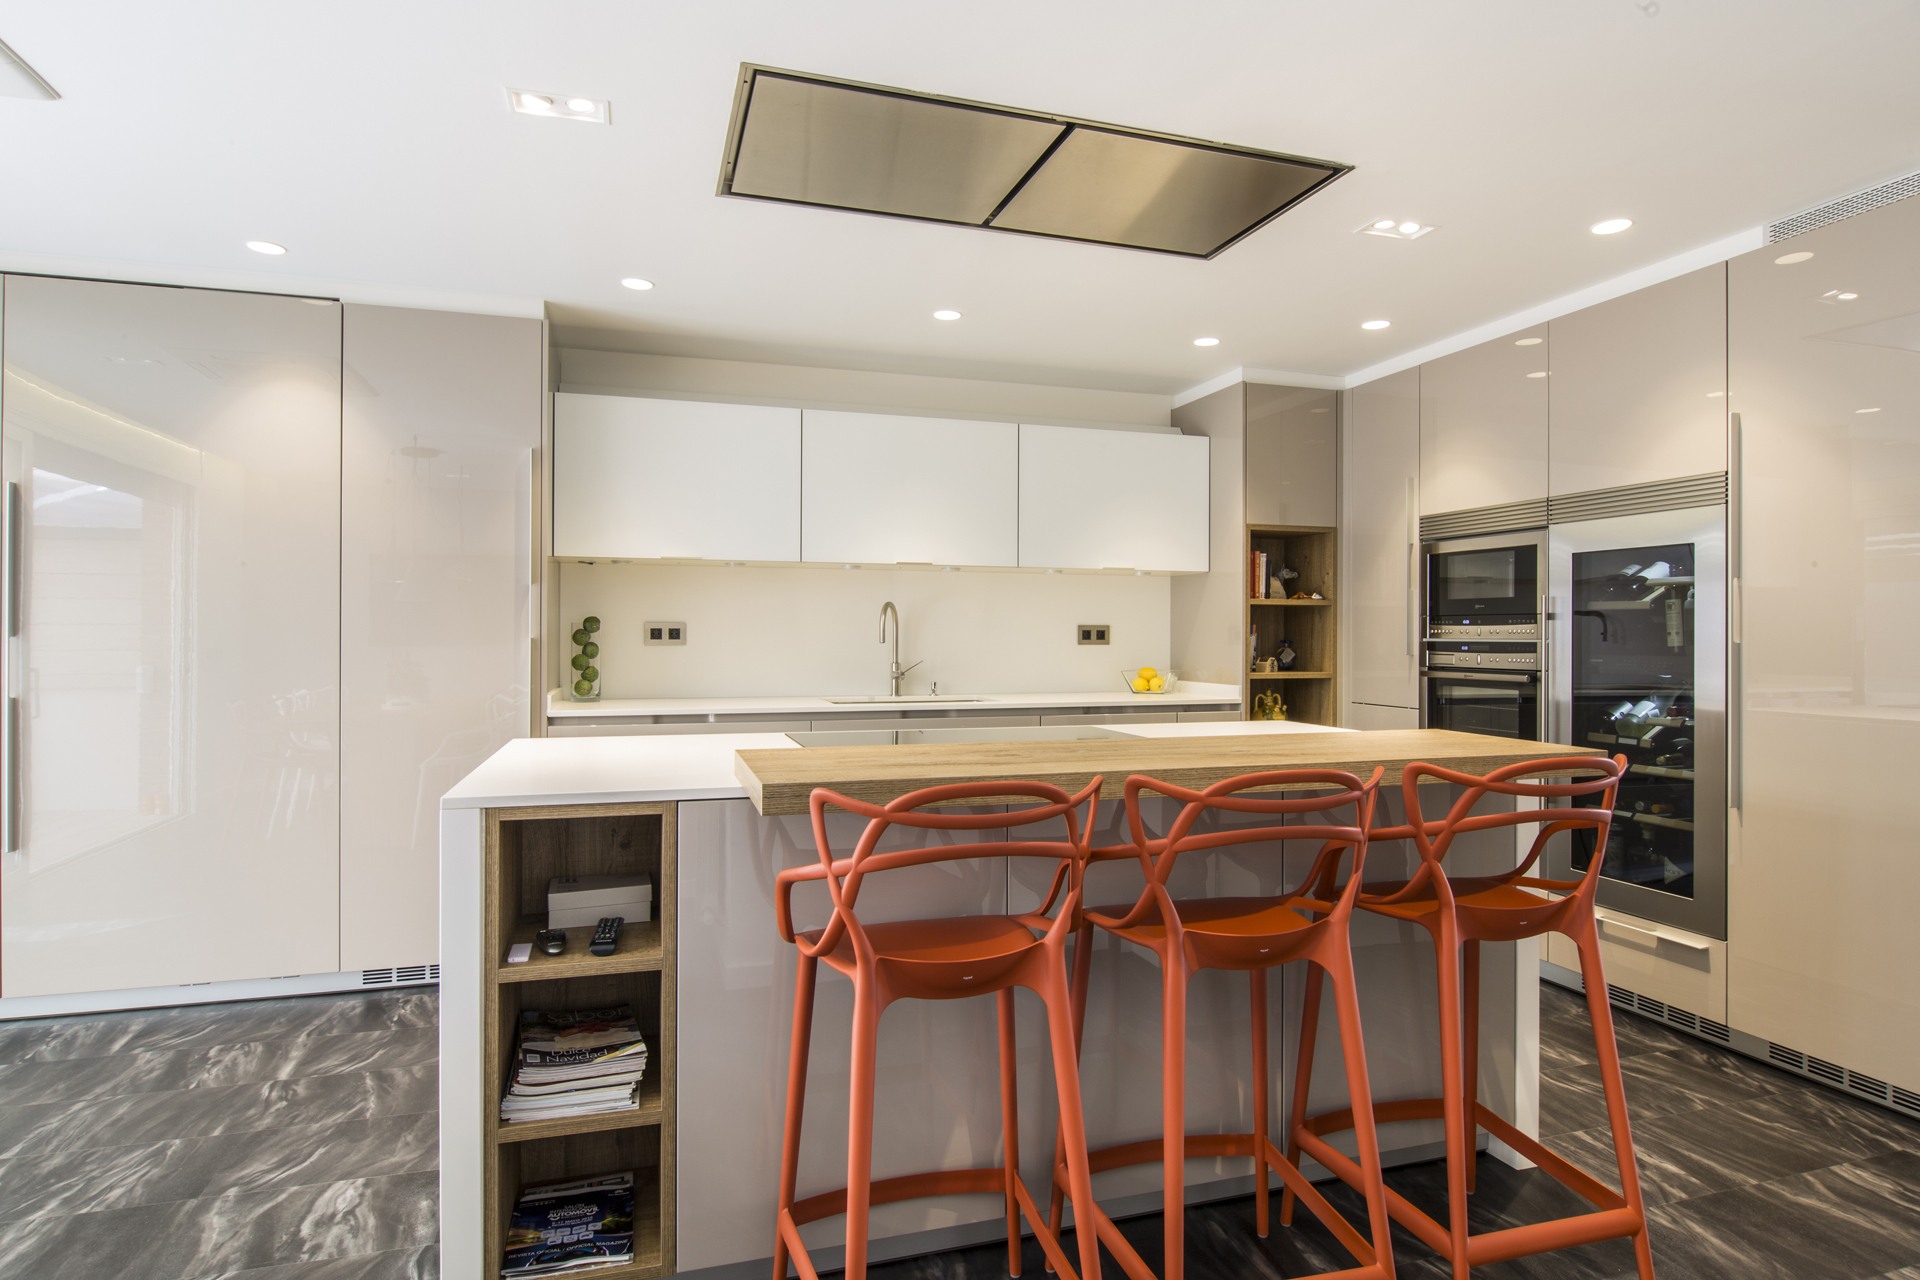 Una buena idea cocina abierta con una gran isla central - Cocinas sabadell ...